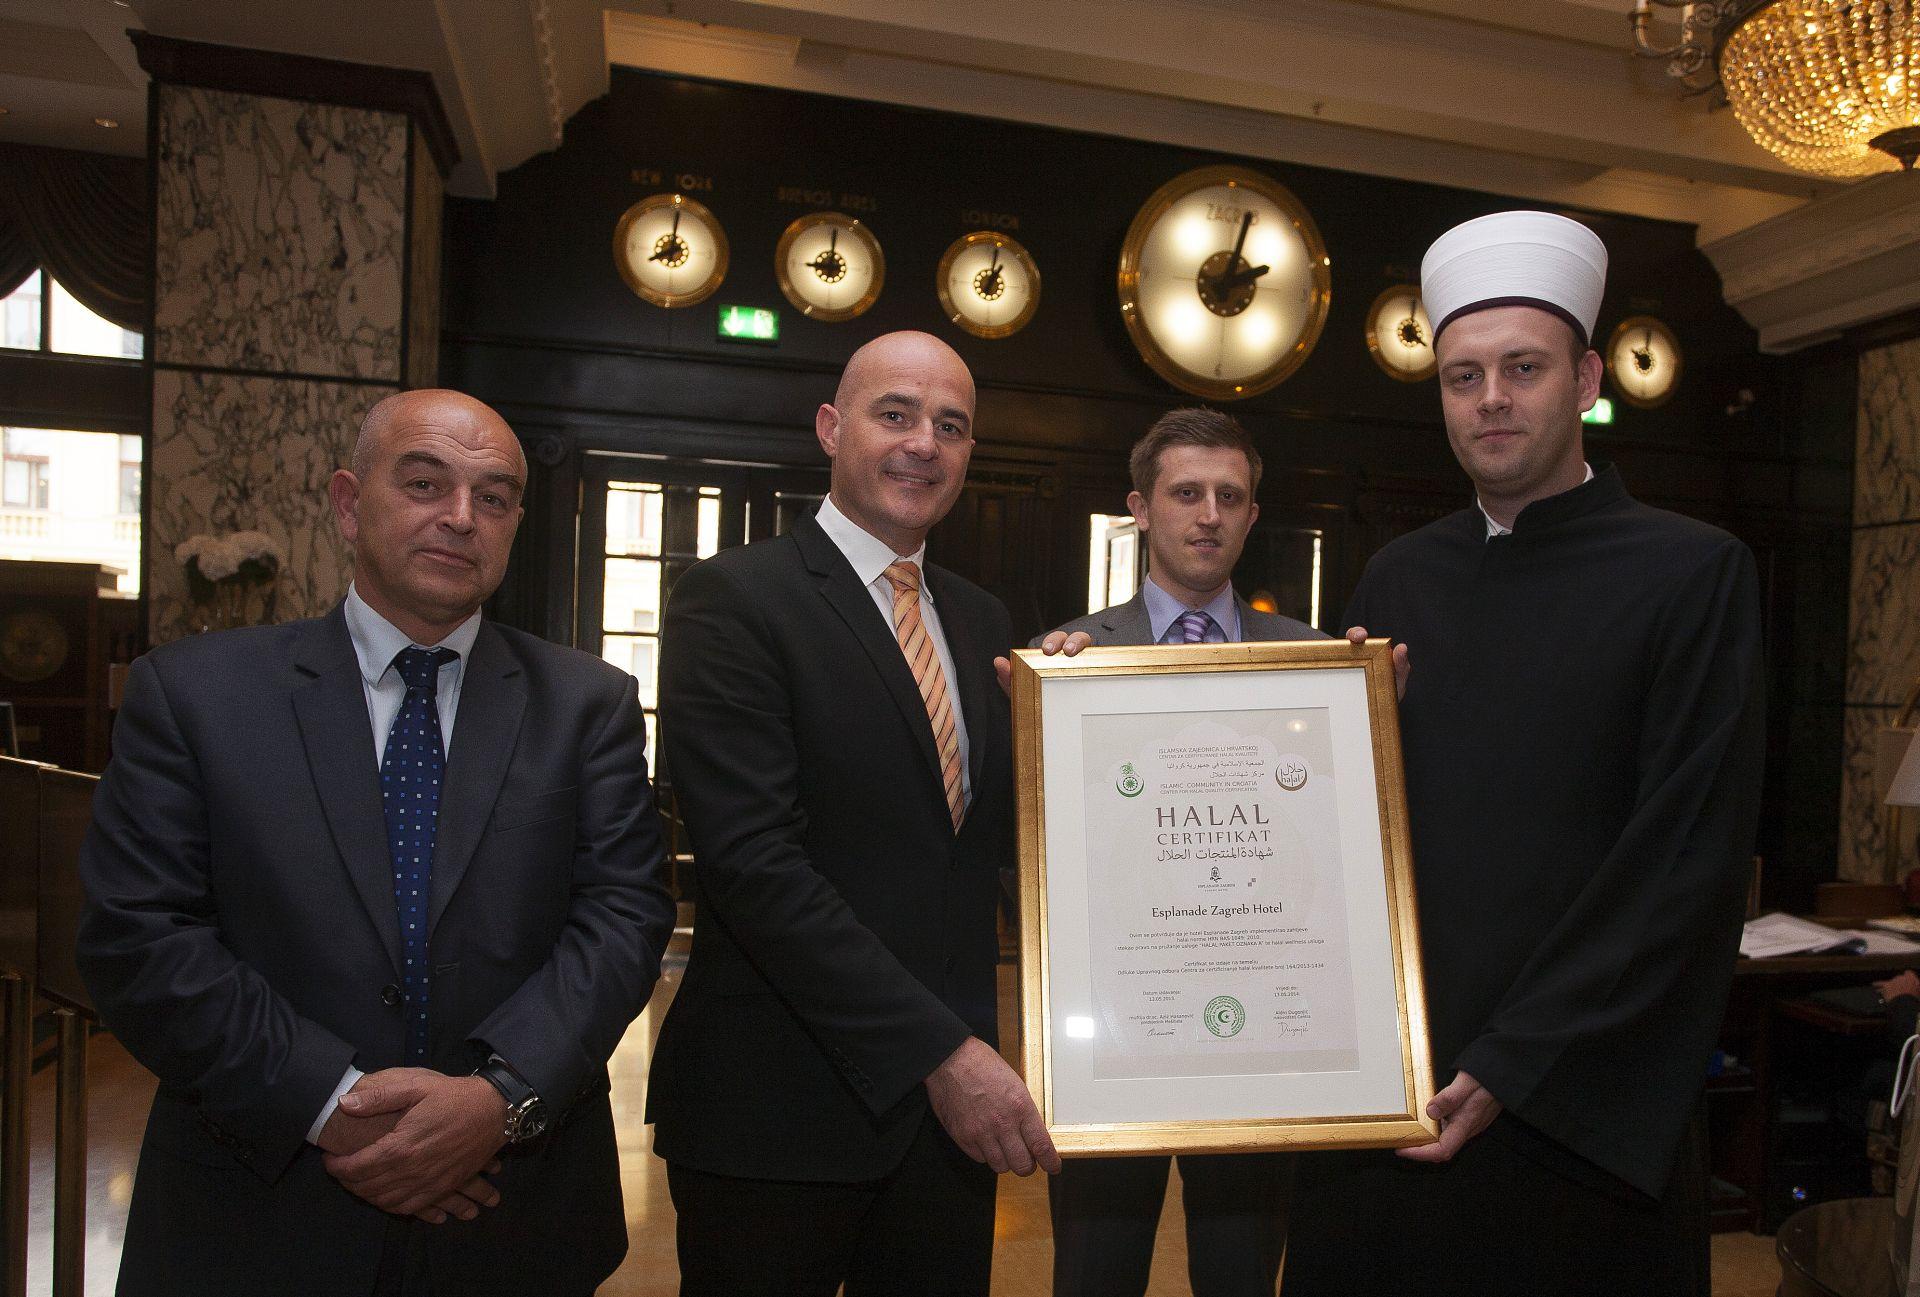 Halal certifikat Esplanade Zagreb Hotel